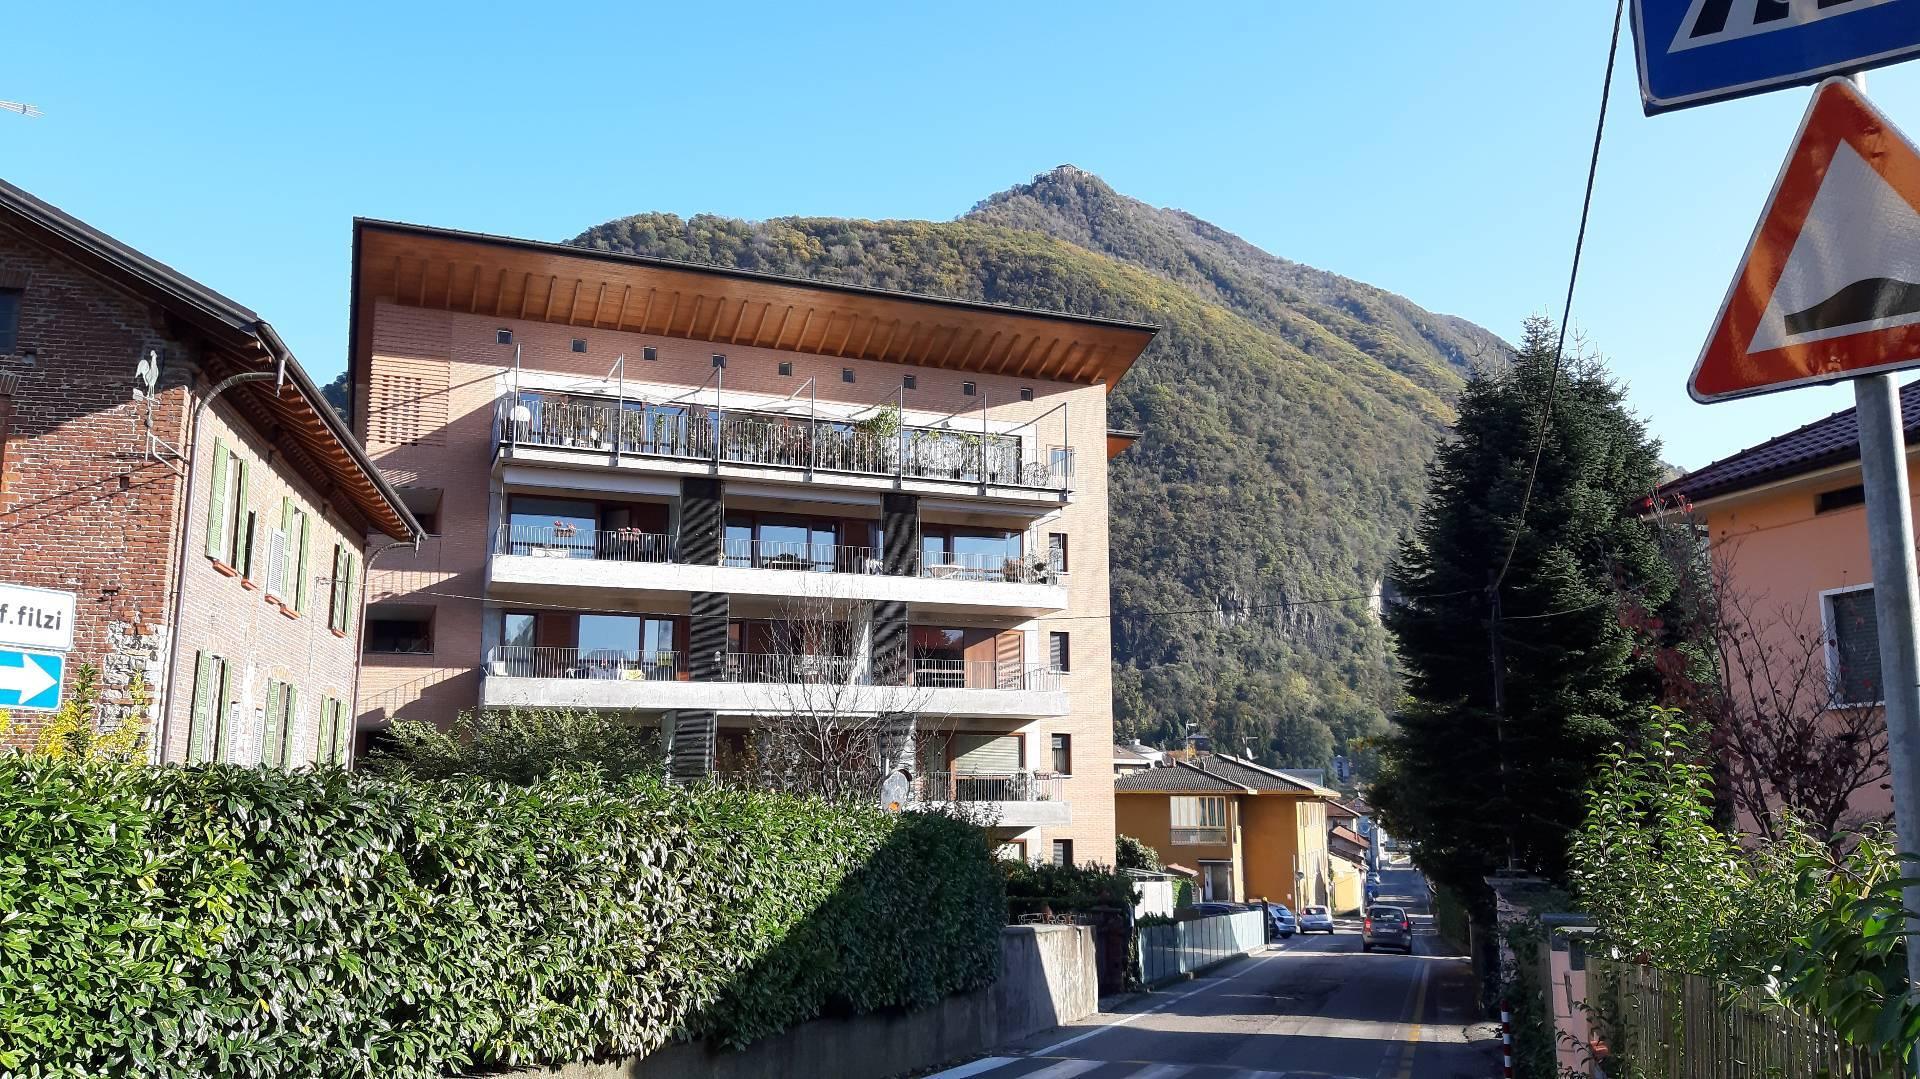 Appartamento in vendita a Laveno-Mombello, 1 locali, prezzo € 79.000 | CambioCasa.it